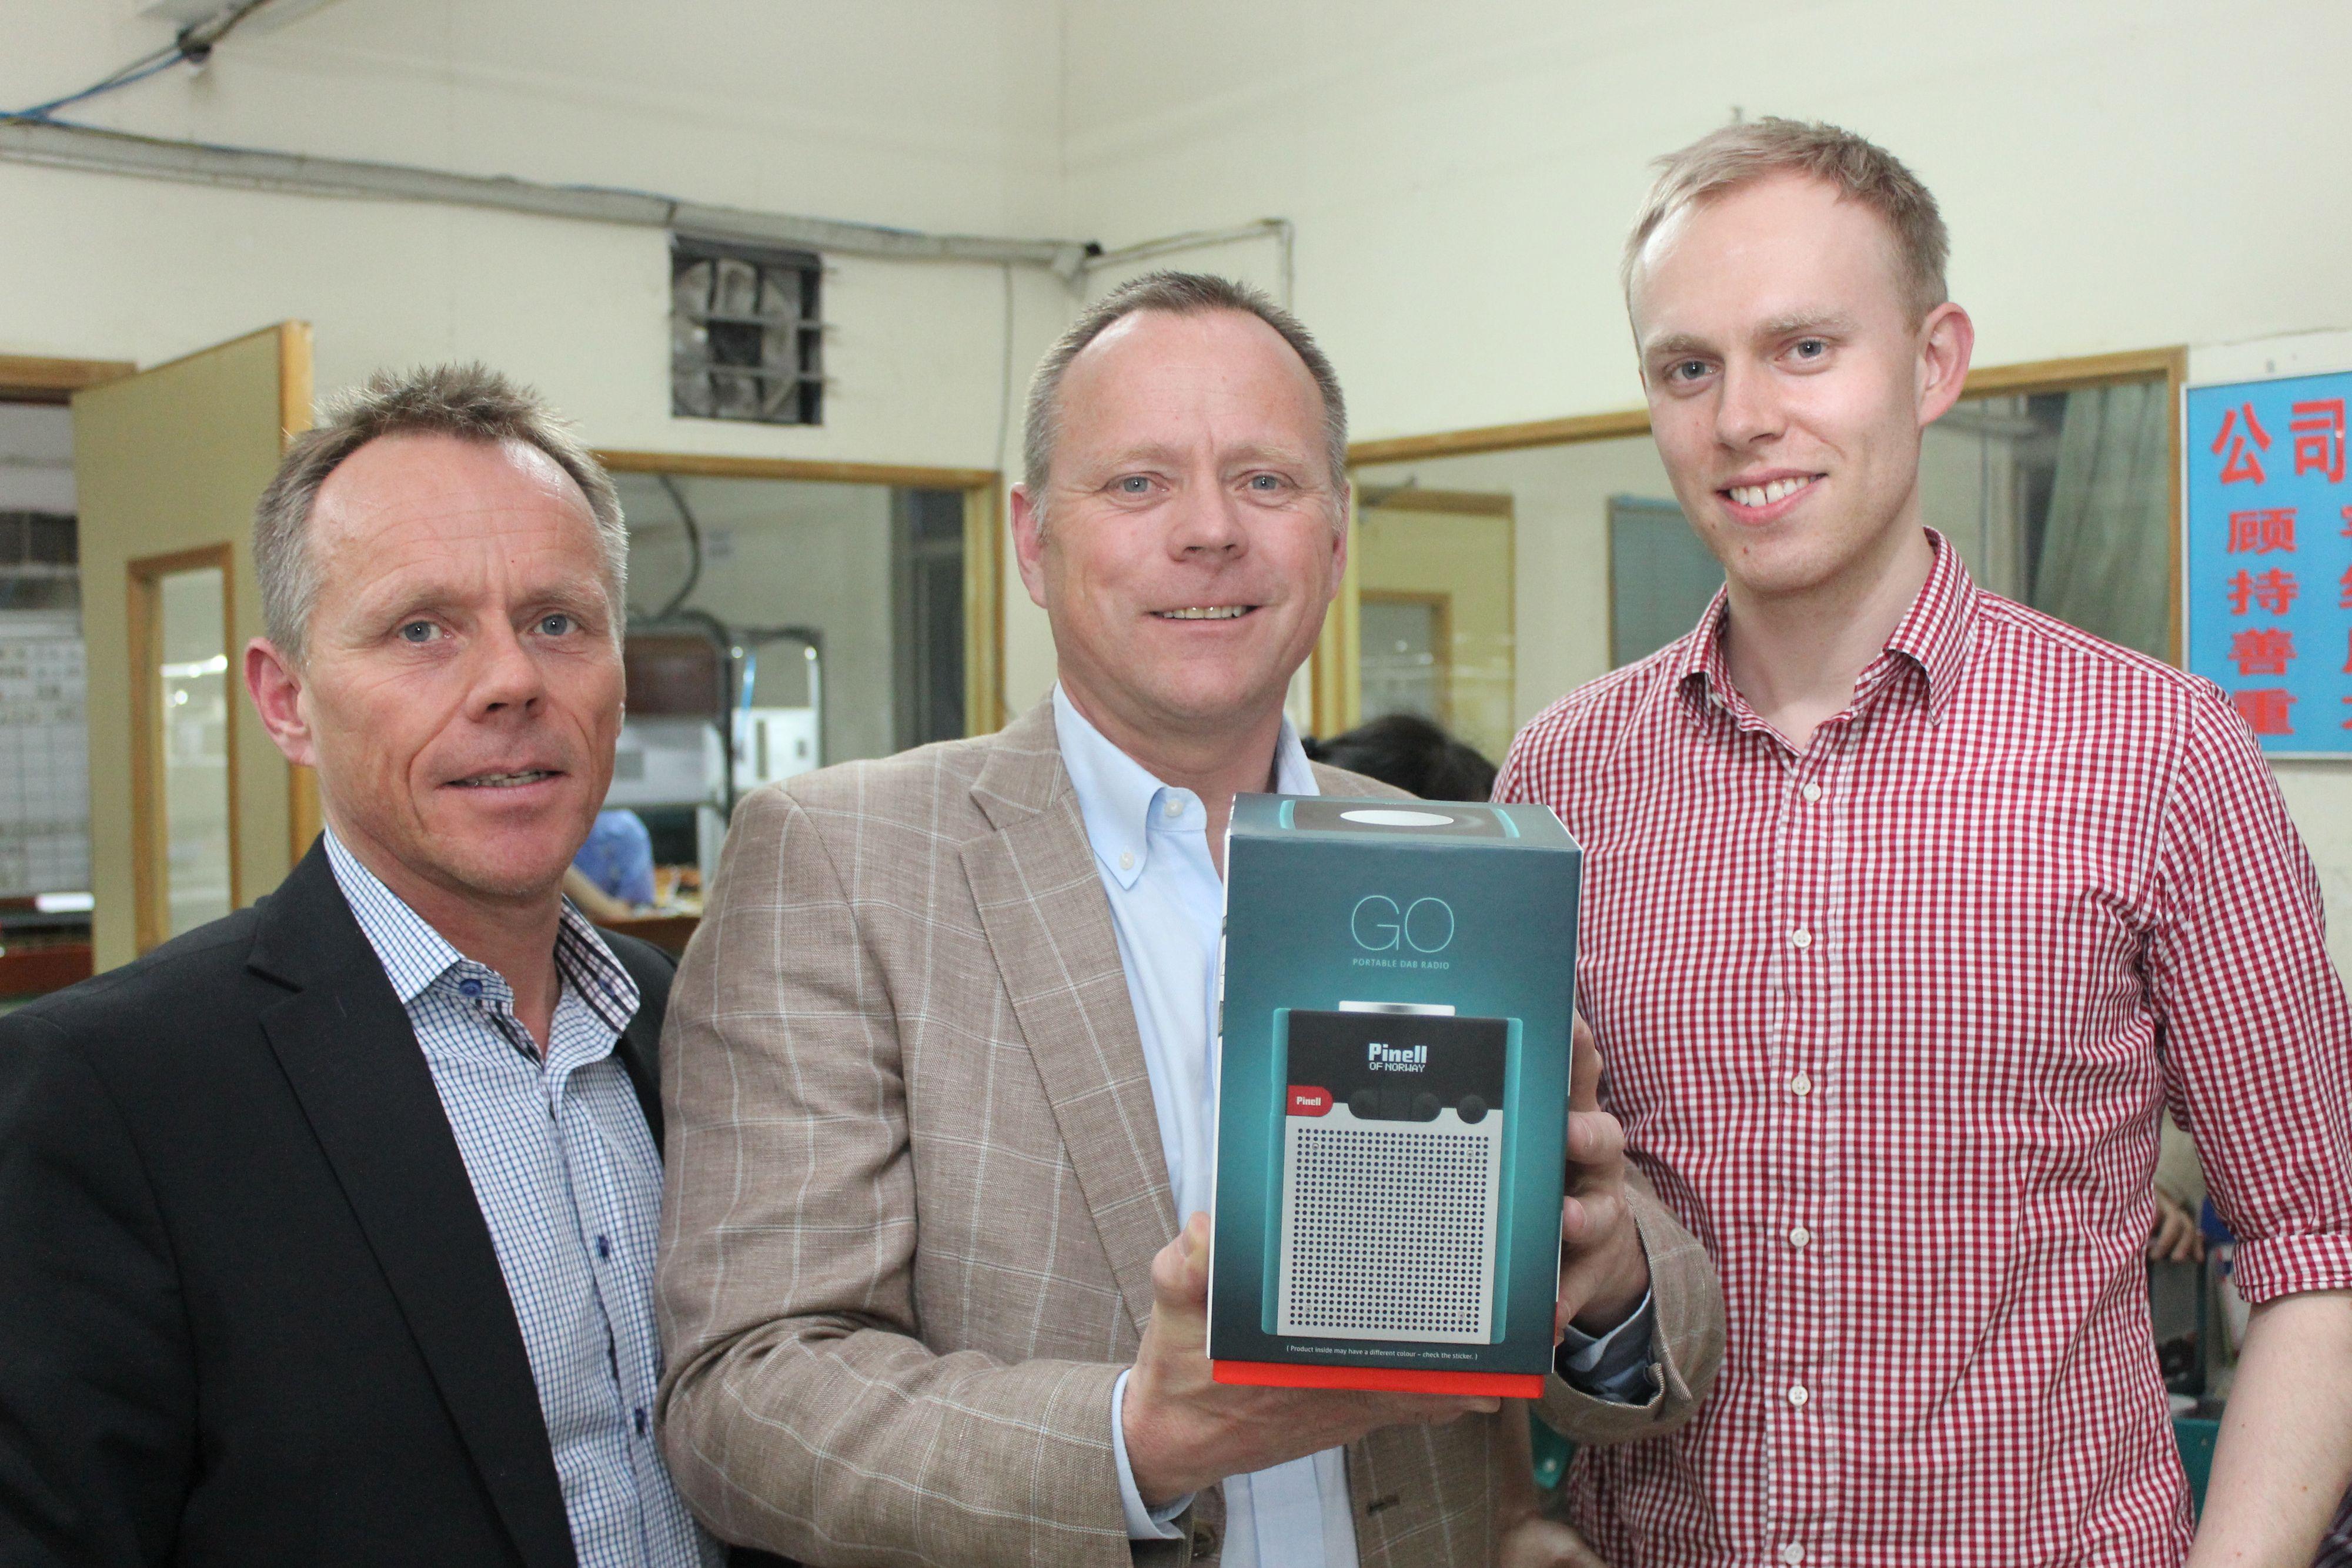 Fra venstre: Tore Vedvik, Tom Vedvik og Andreas Erlandsen. Brødrene Vedvik styrer TT-Micro, som har utviklet radioen, mens Andreas Erlandsen har designet den.(Foto: Espen Irwing Swang@tek.no).